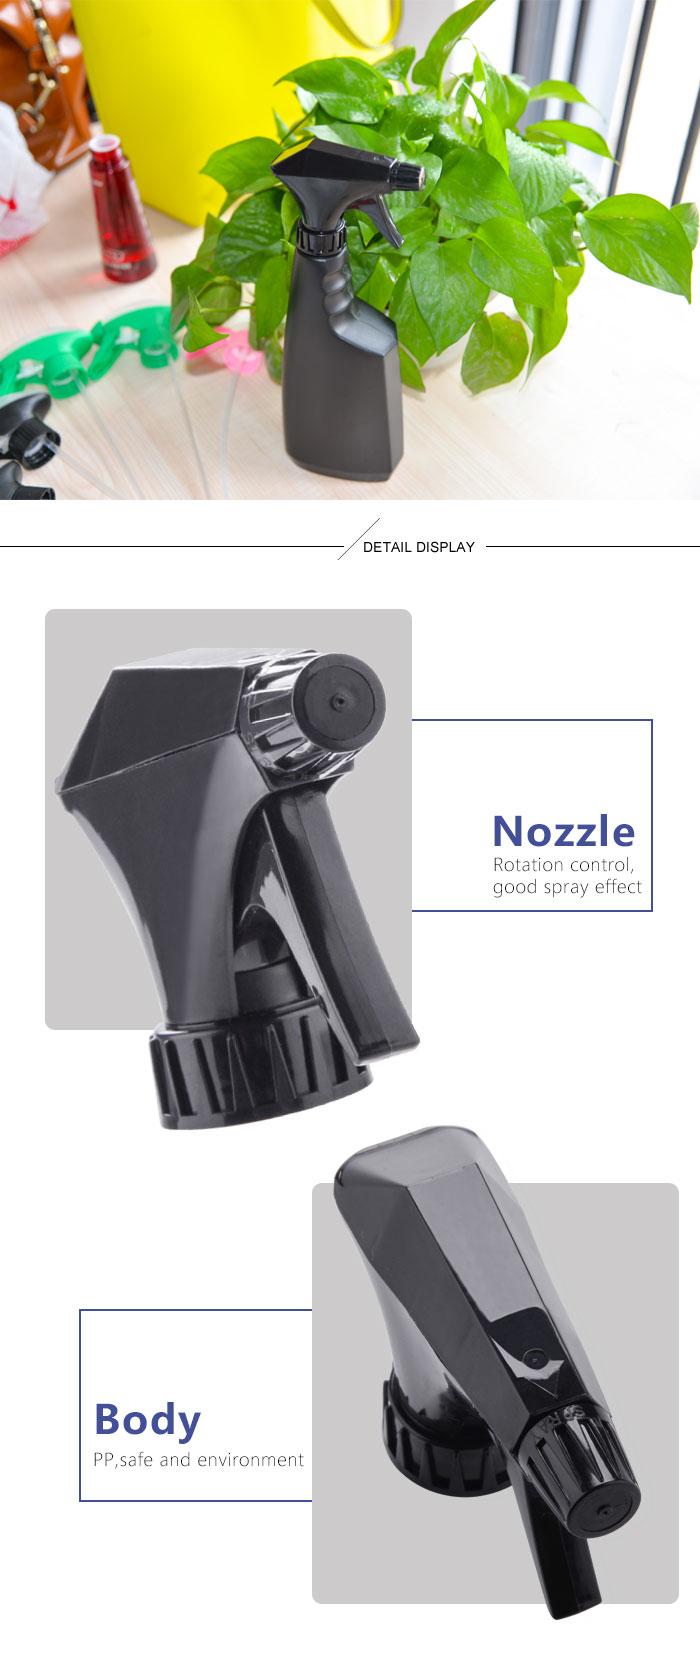 kitchen clean 28-400 plastic Trigger Sprayer